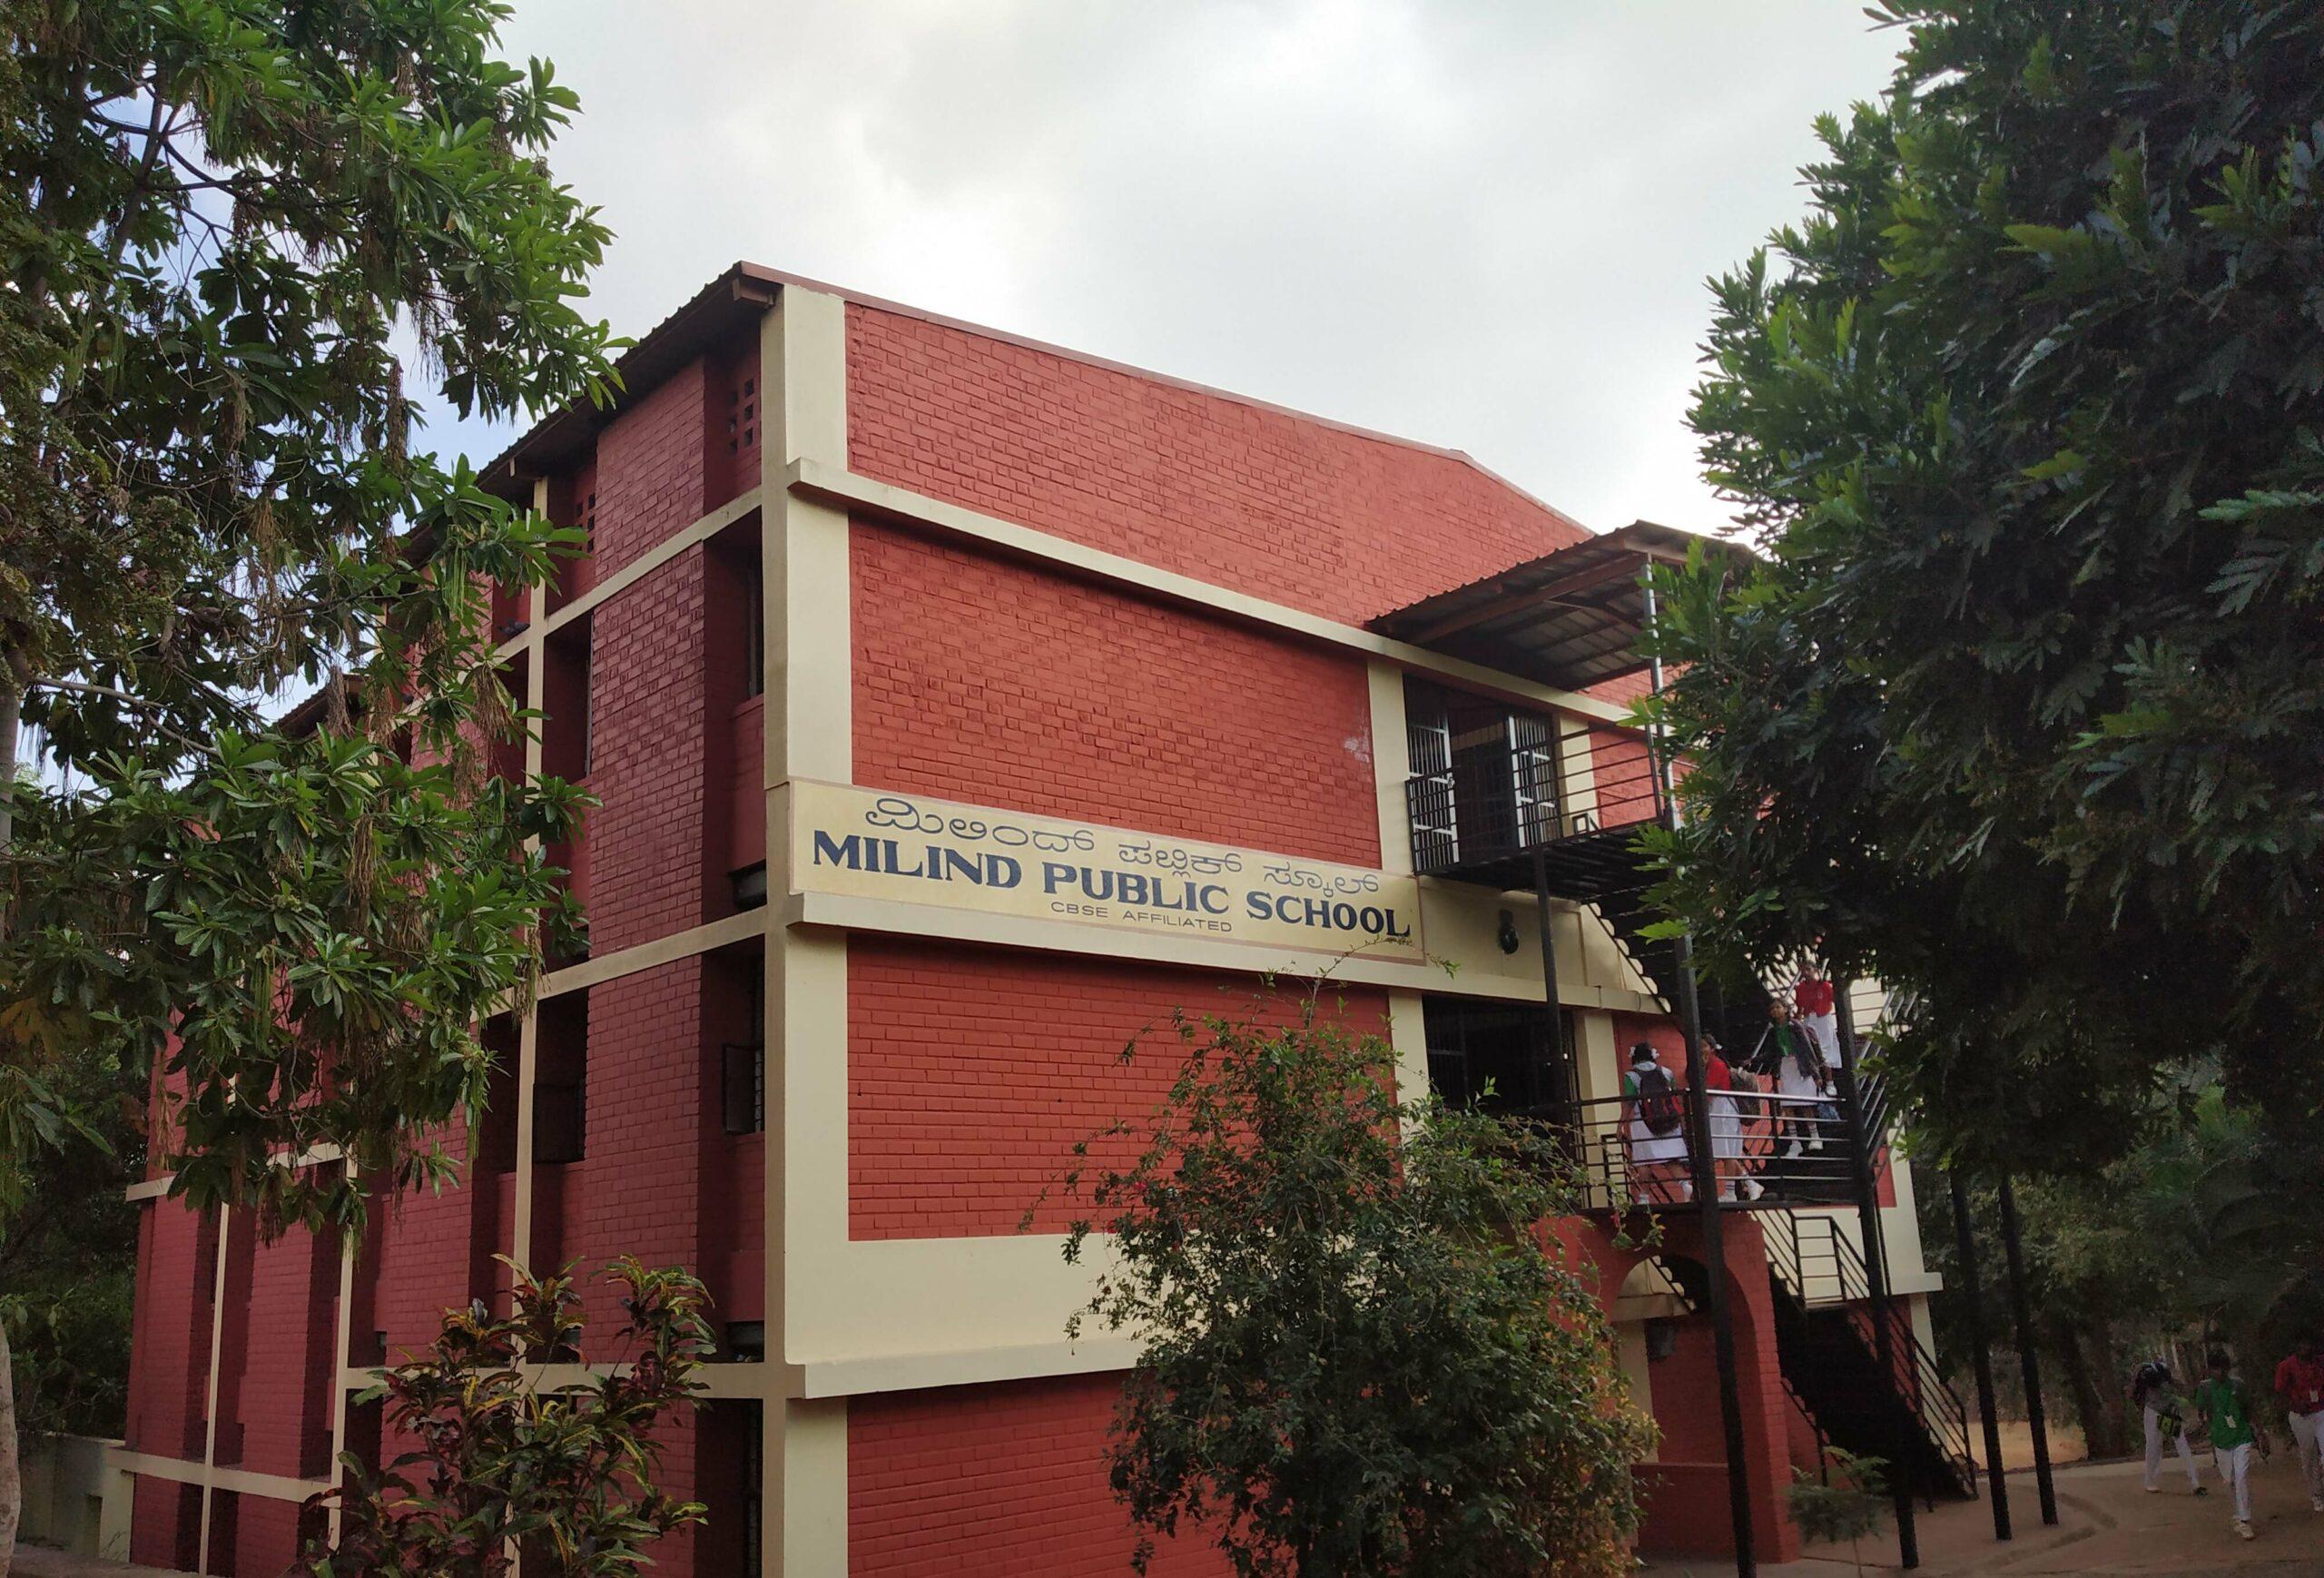 Milind Public School